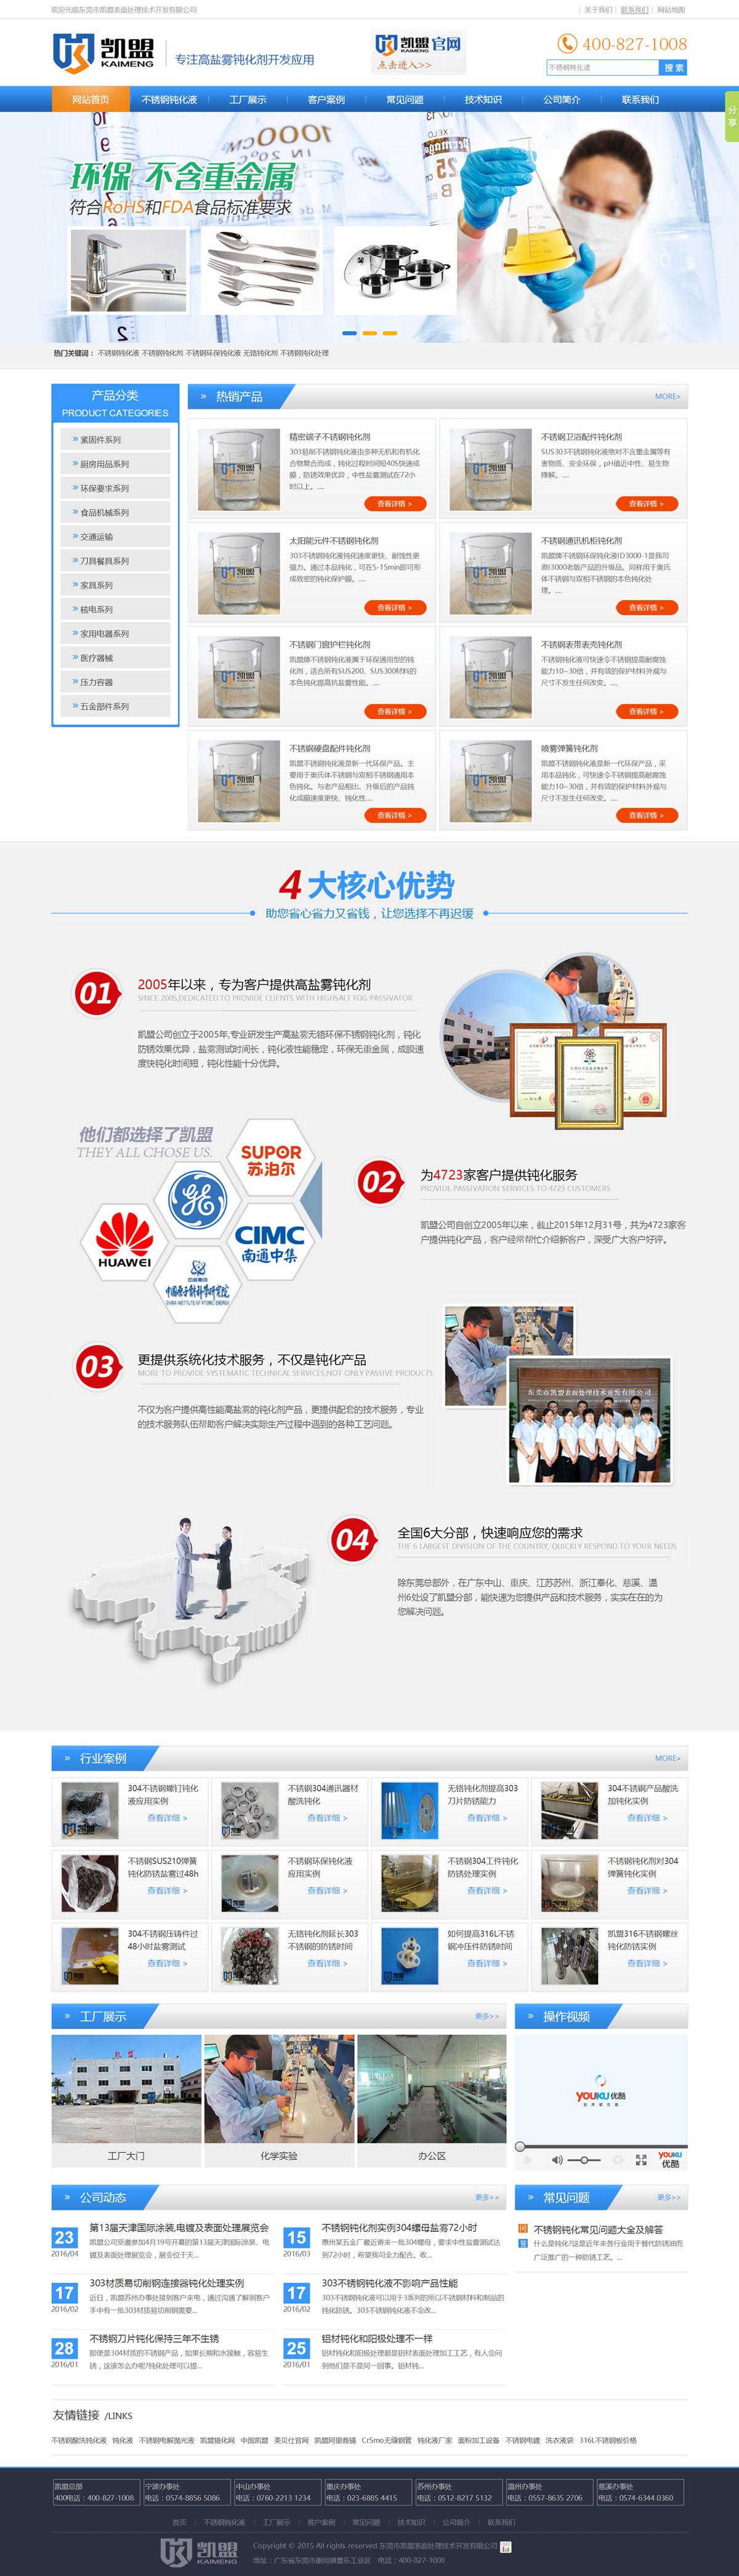 东莞营销型网站建设